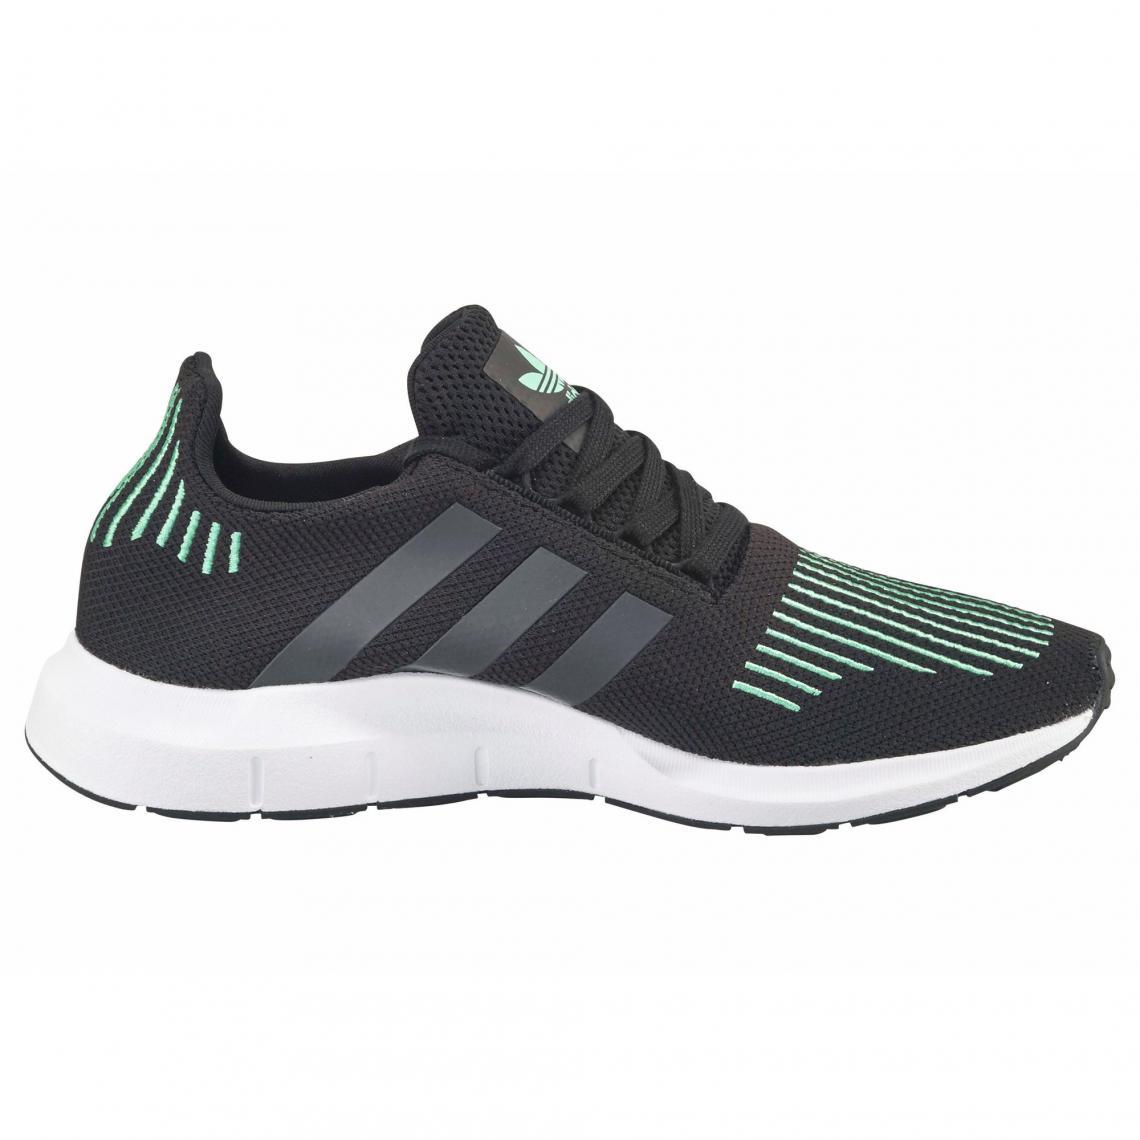 Chaussures Homme Run Noir Vert Running Adidas Swift Originals TFlJ31cuK